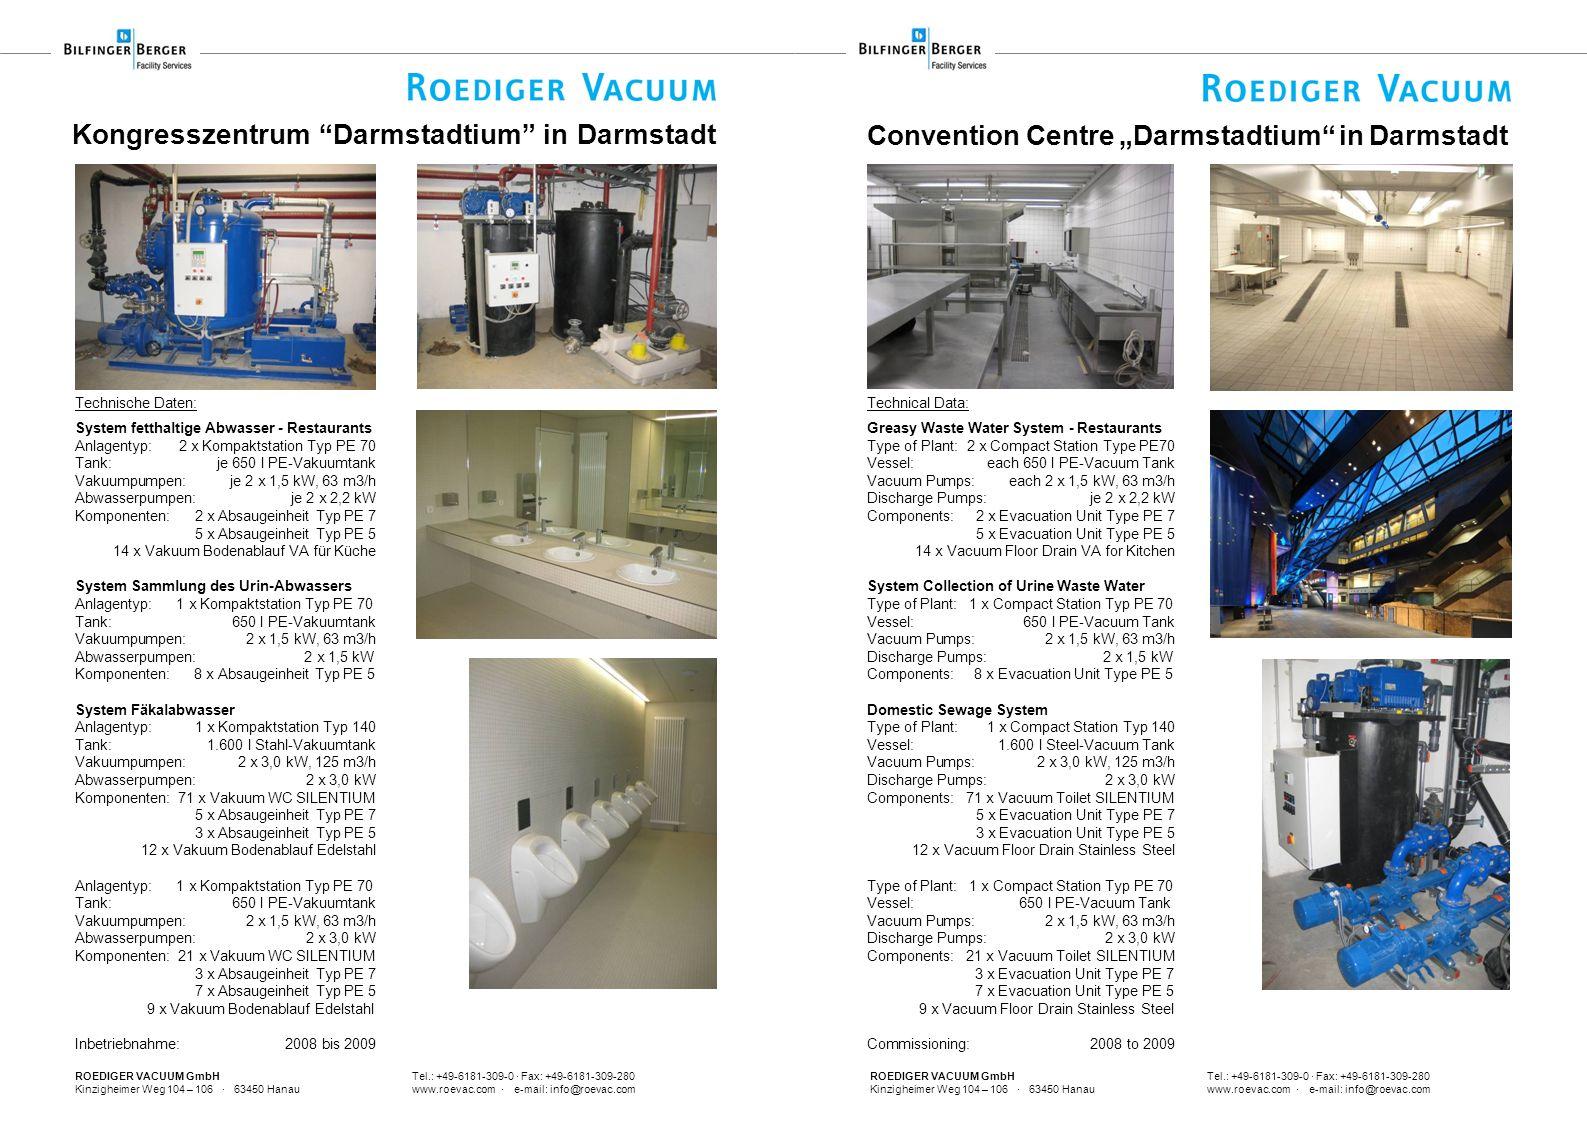 ROEDIGER VACUUM GmbH Tel.: +49-6181-309-0 · Fax: +49-6181-309-280 Kinzigheimer Weg 104 – 106 · 63450 Hanau www.roevac.com · e-mail: info@roevac.com Co